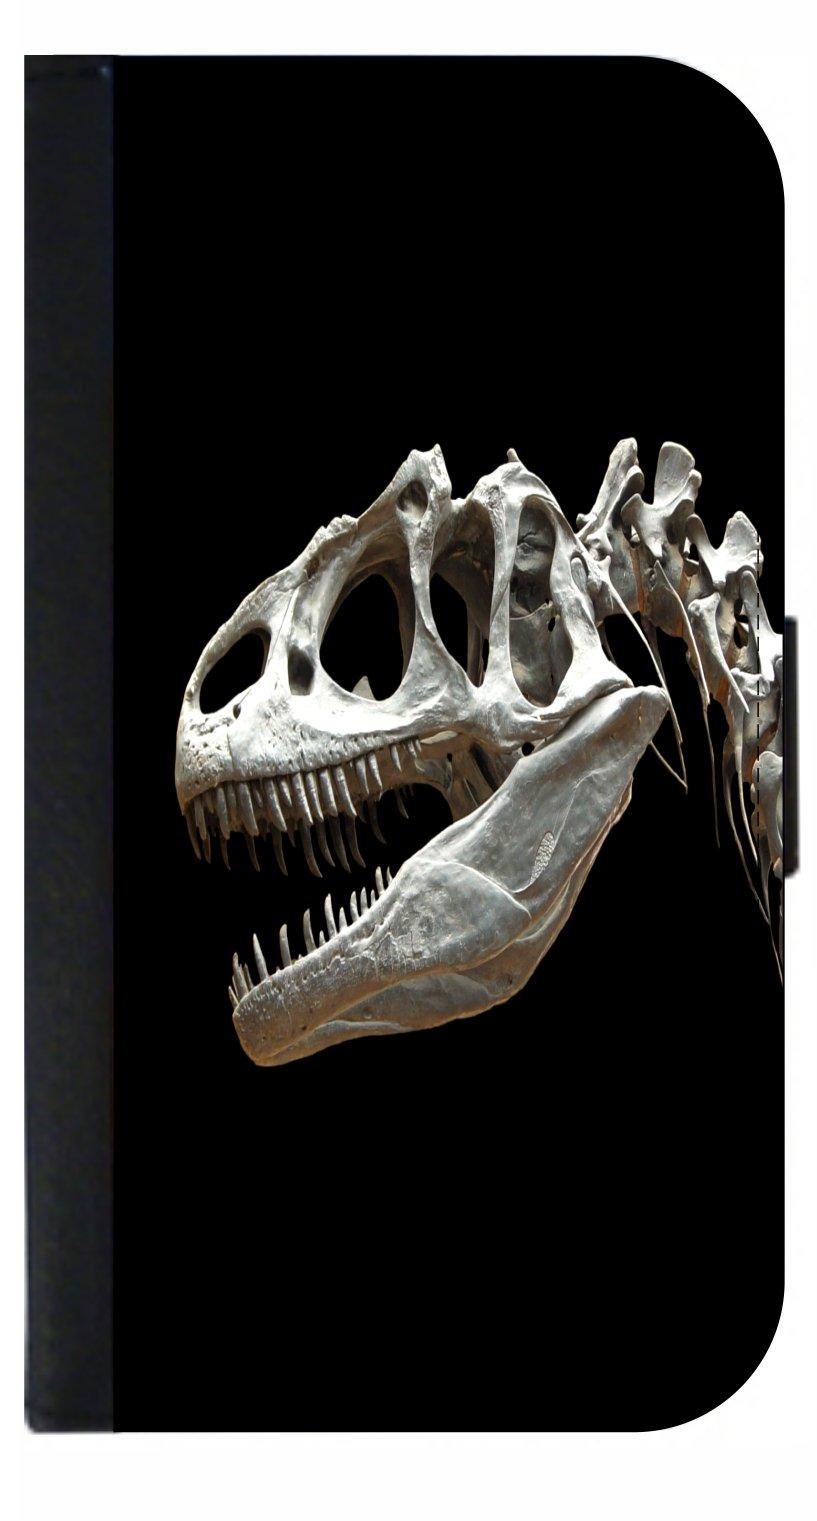 Dinosaur - Passport Cover / Card Holder for Travel